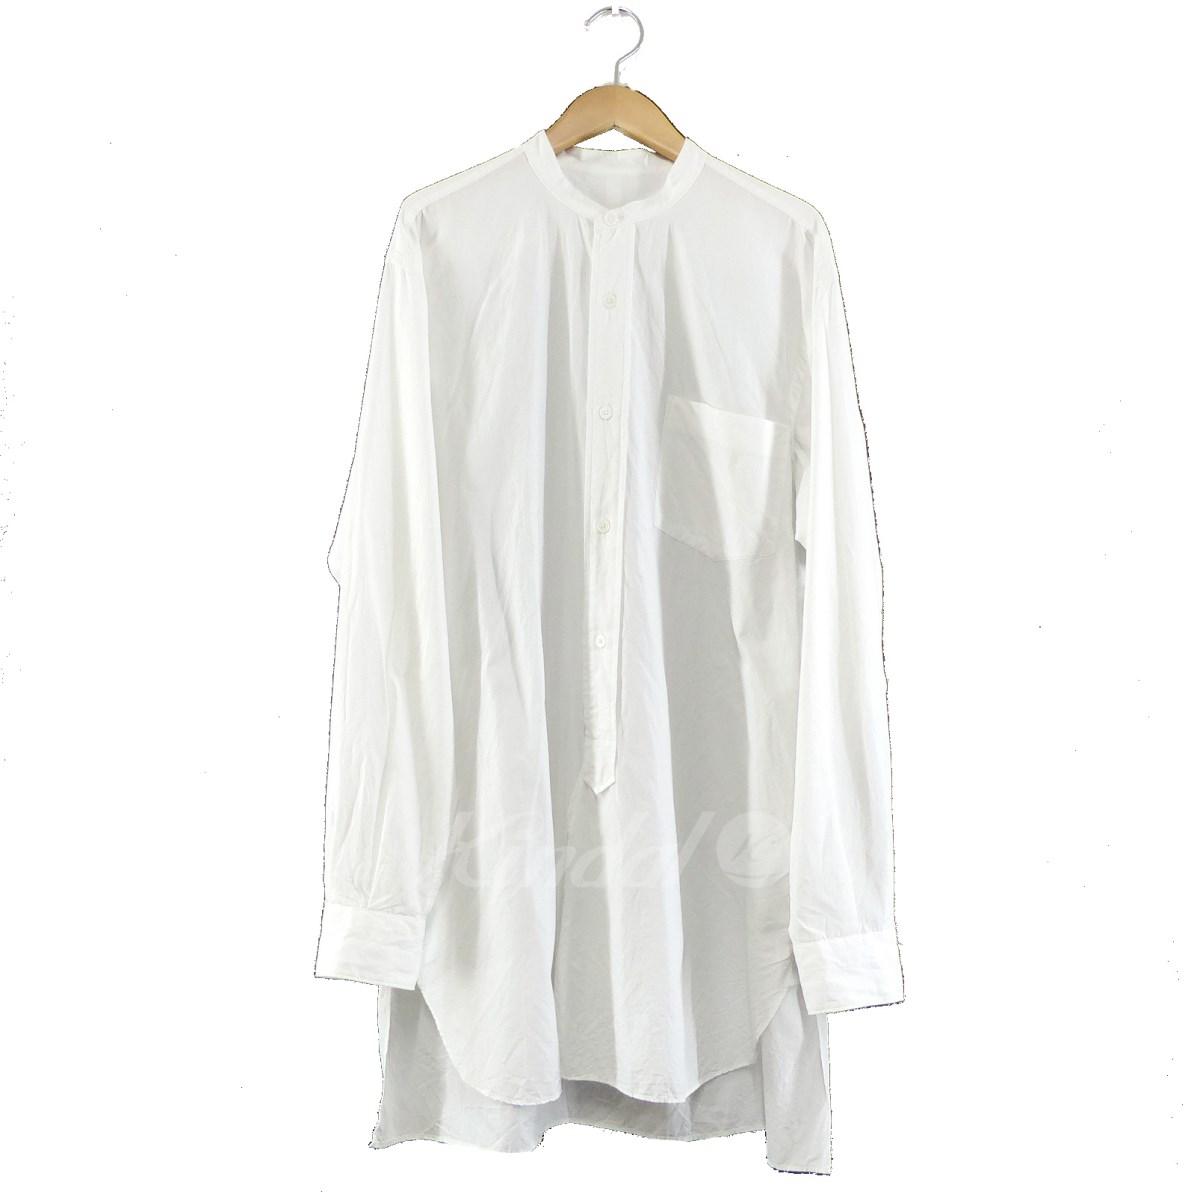 【中古】COMOLI 2018SS バンドカラーシャツ ホワイト サイズ:1 【送料無料】 【131118】(コモリ)